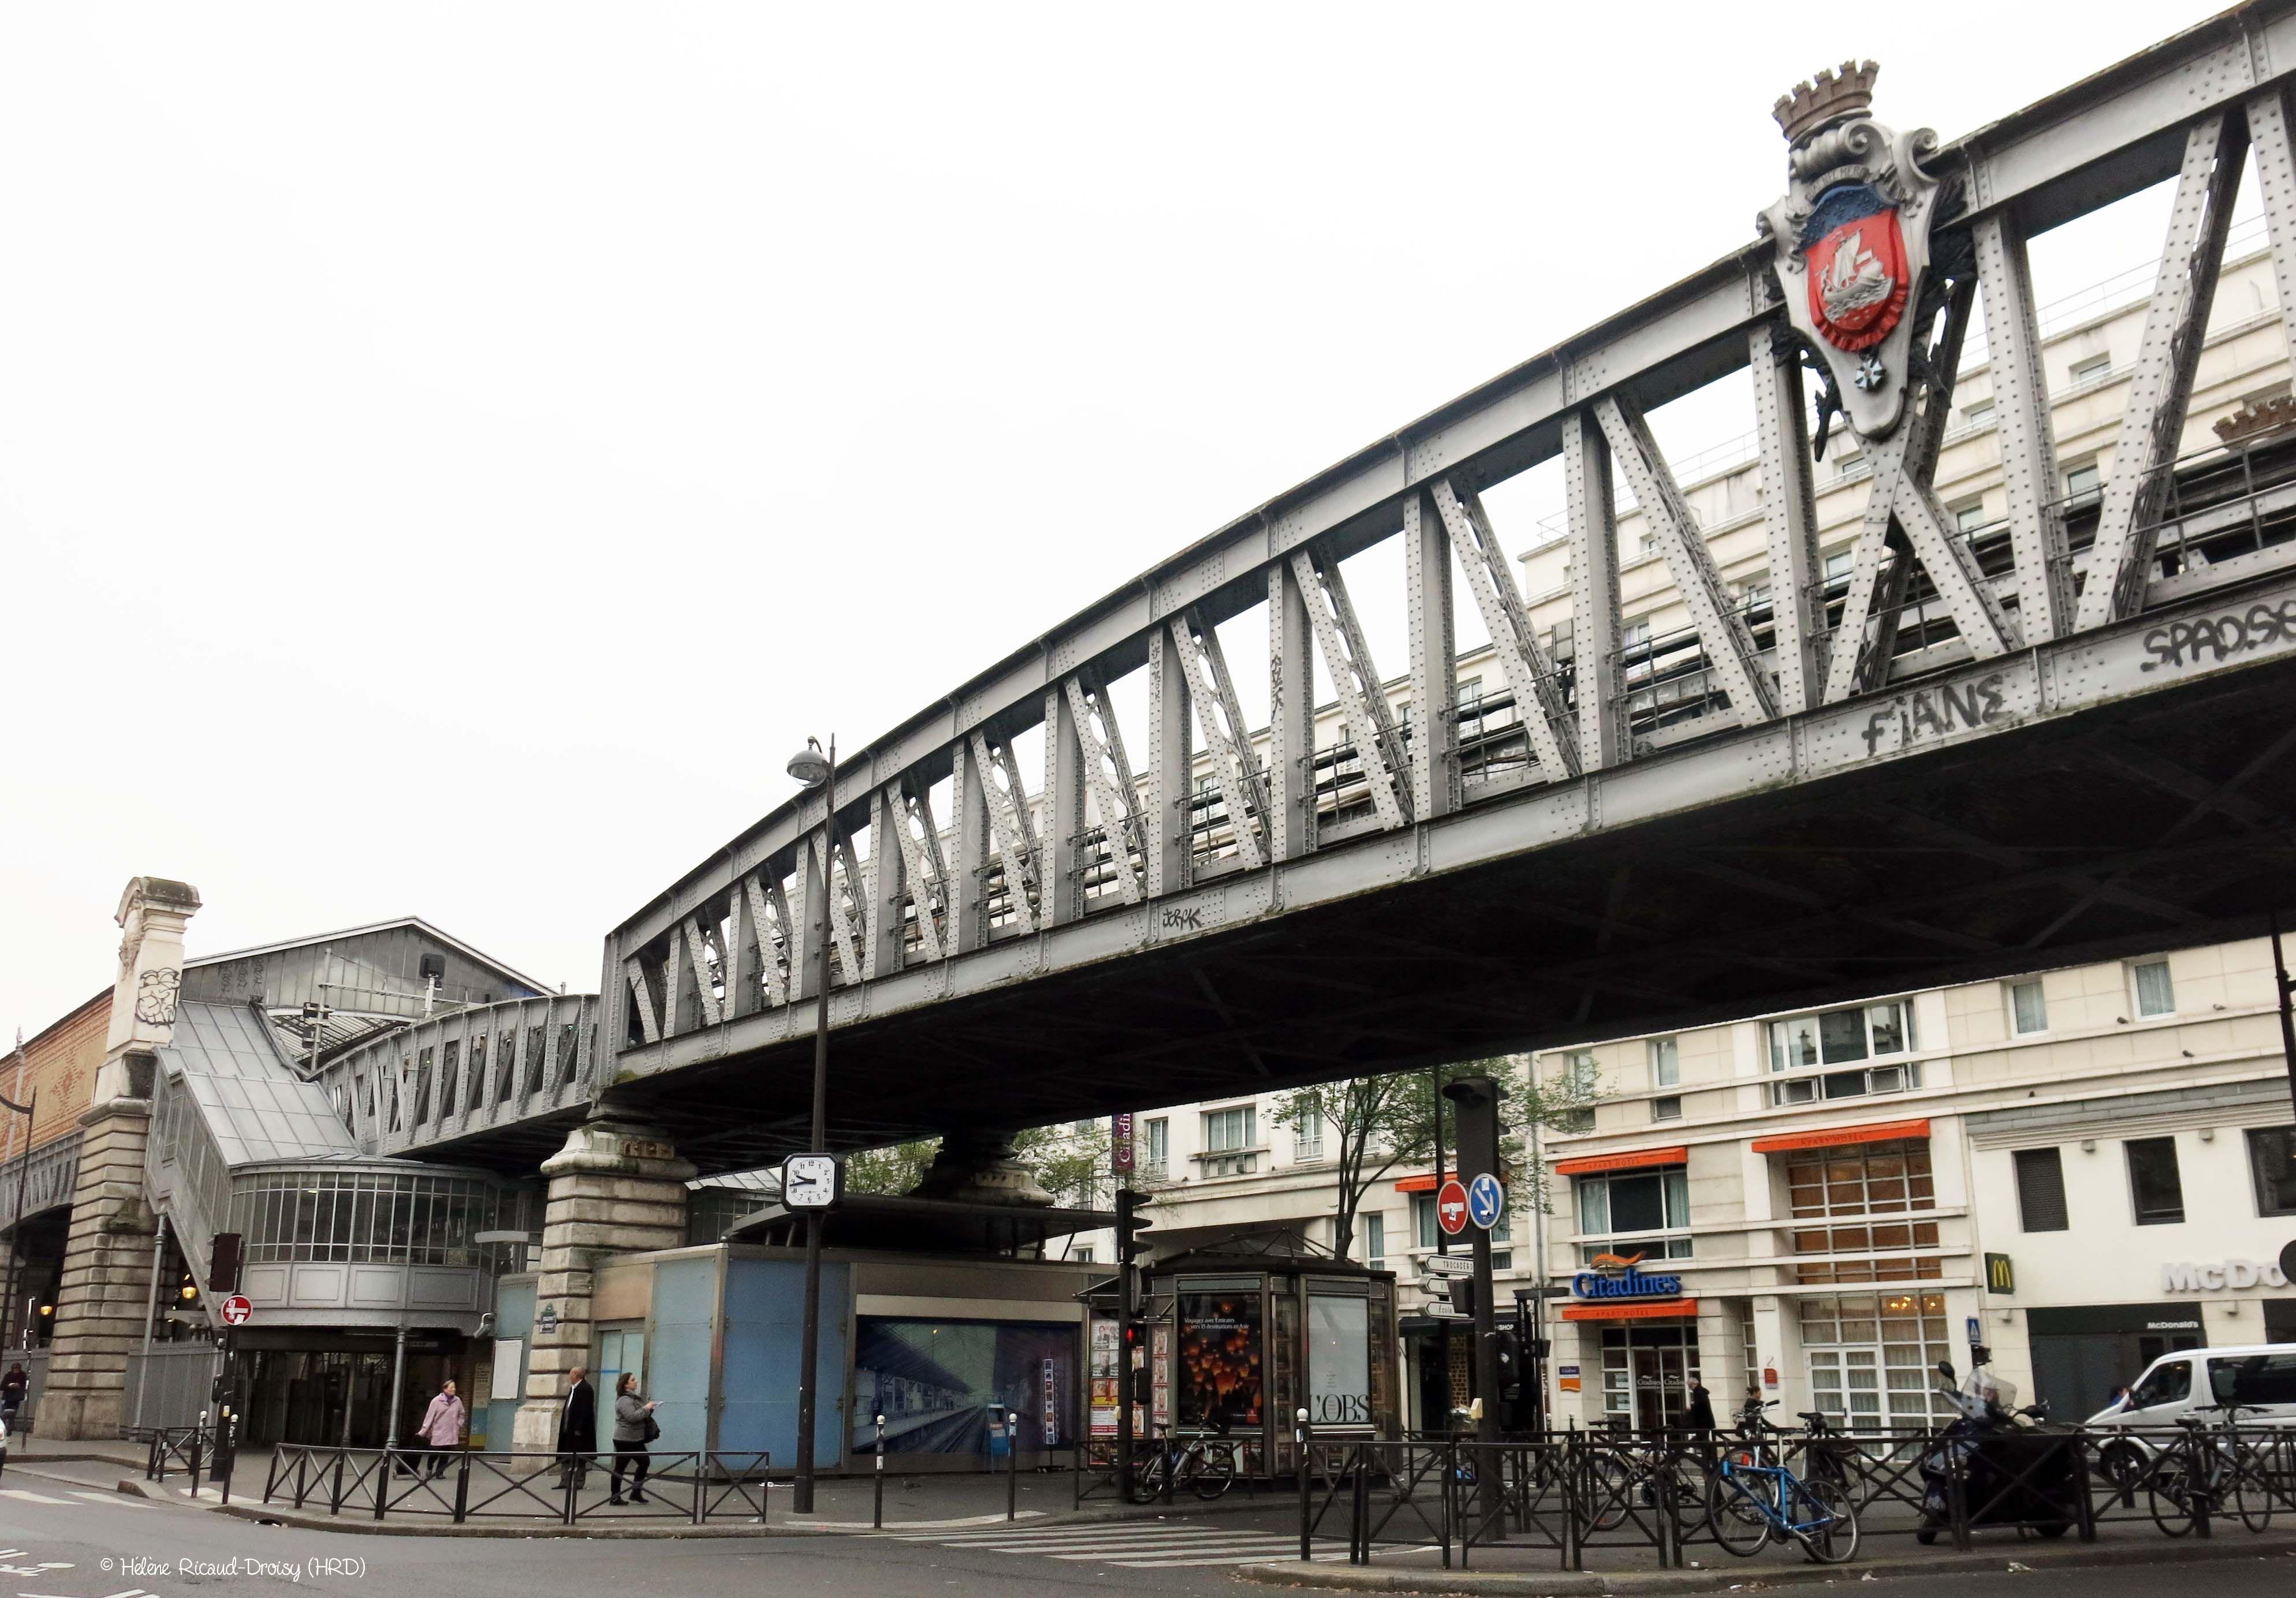 Station De Metro La Motte Picquet Grenelle 15e Arrt Paris France 2014 10 25 C Helene Ricaud Droisy Hrd Paris France Station De Metro Paris Ville